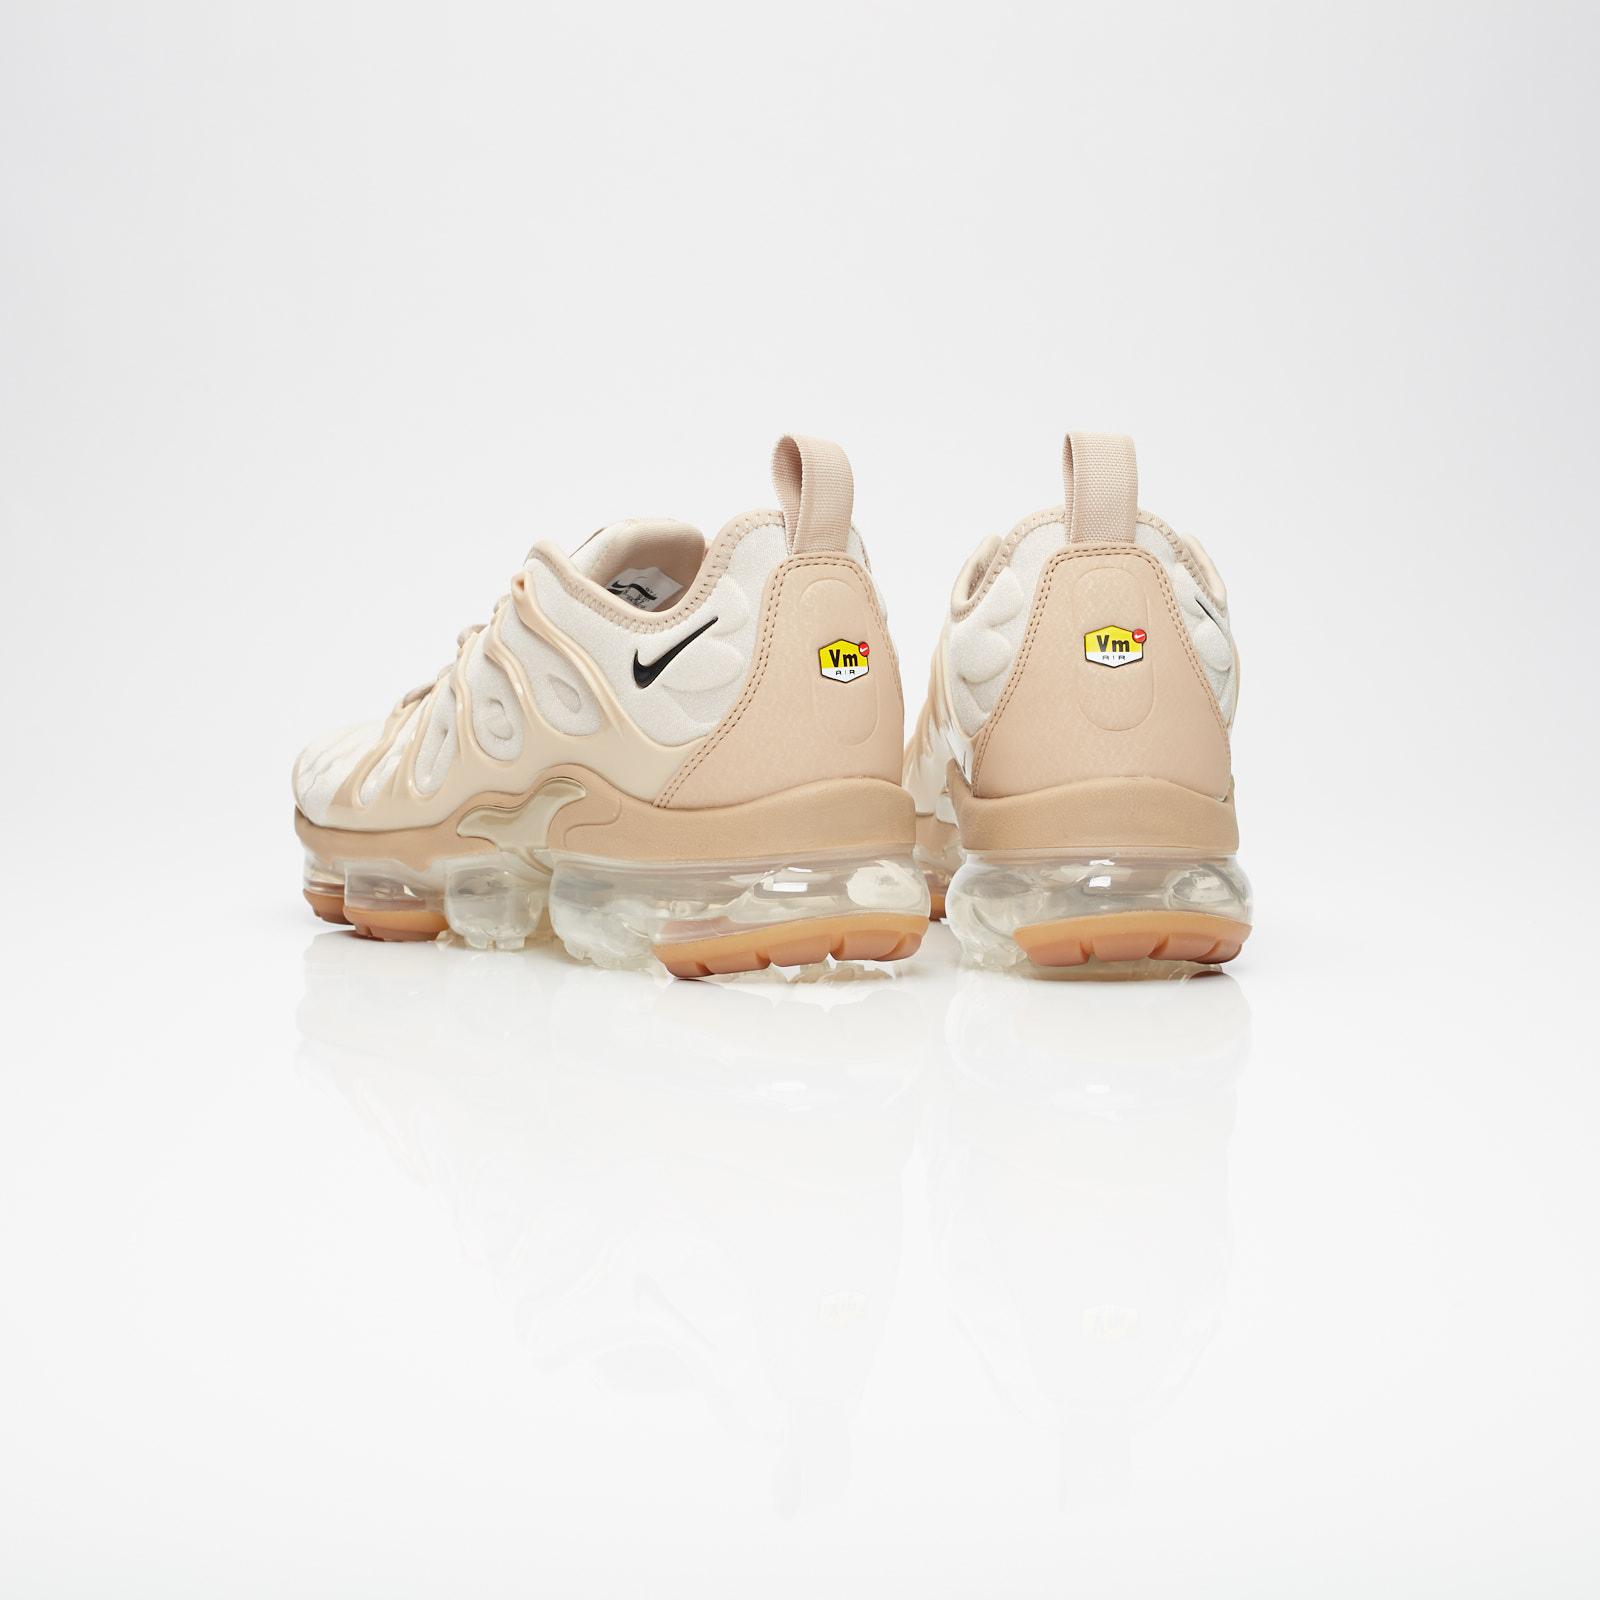 acf5437bb59 Nike Air Vapormax Plus - At5681-200 - Sneakersnstuff